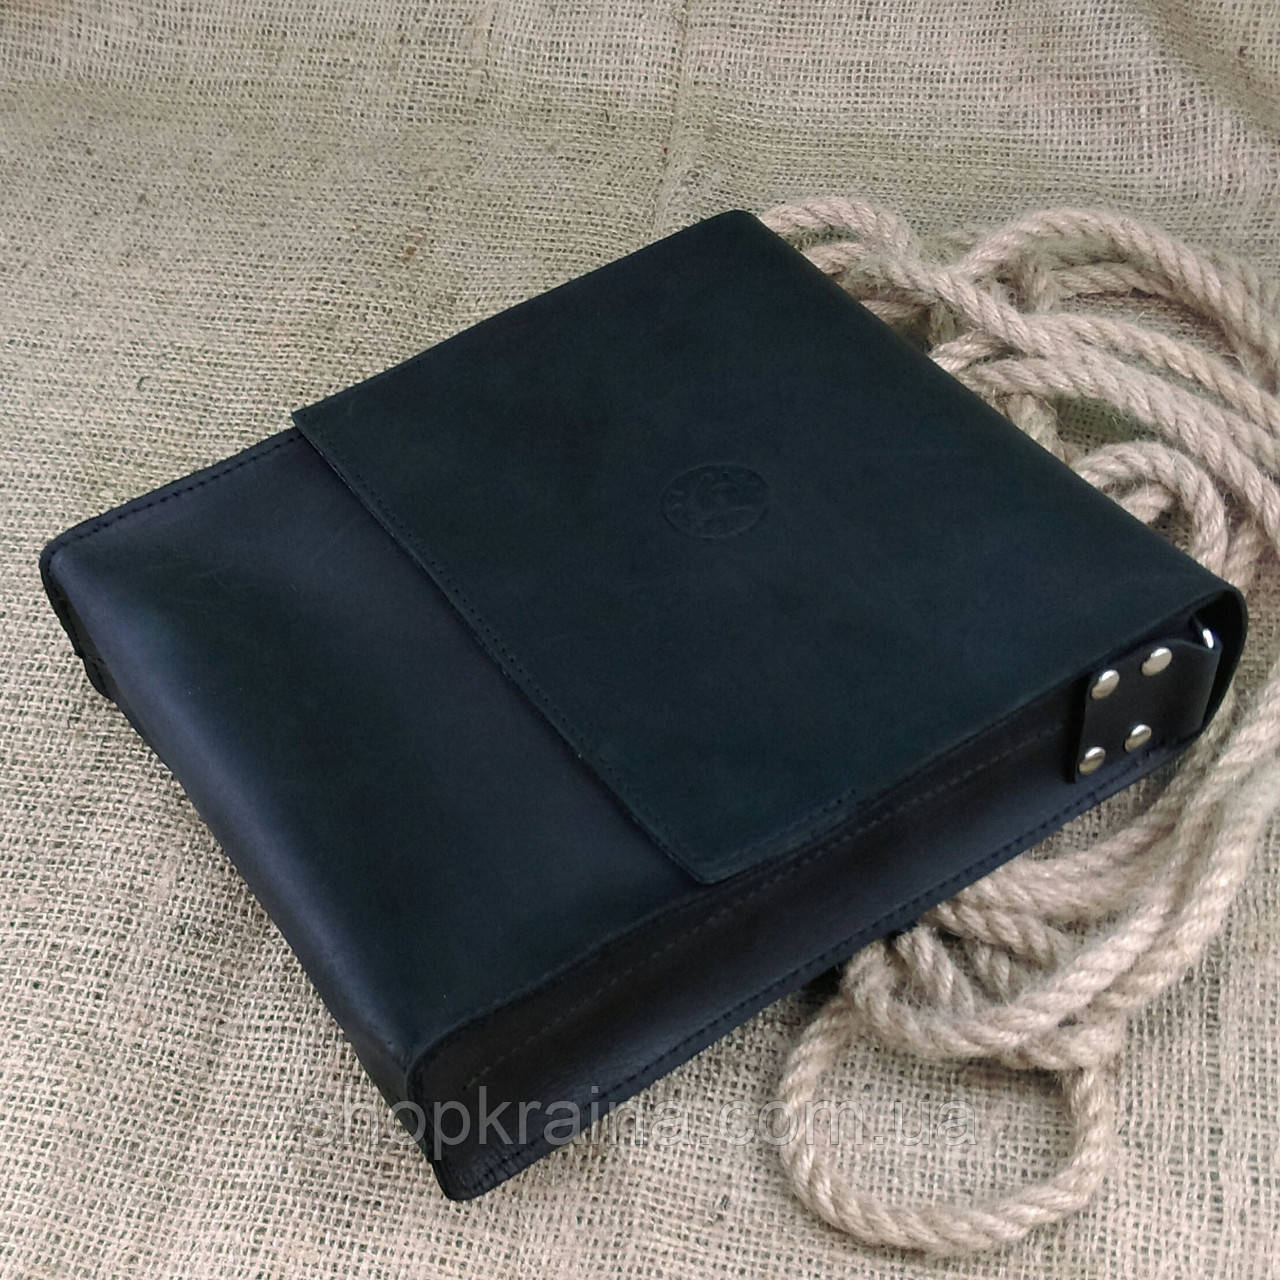 Кожаная мужская сумка VS220 Crazy horse black 24х22х6 см